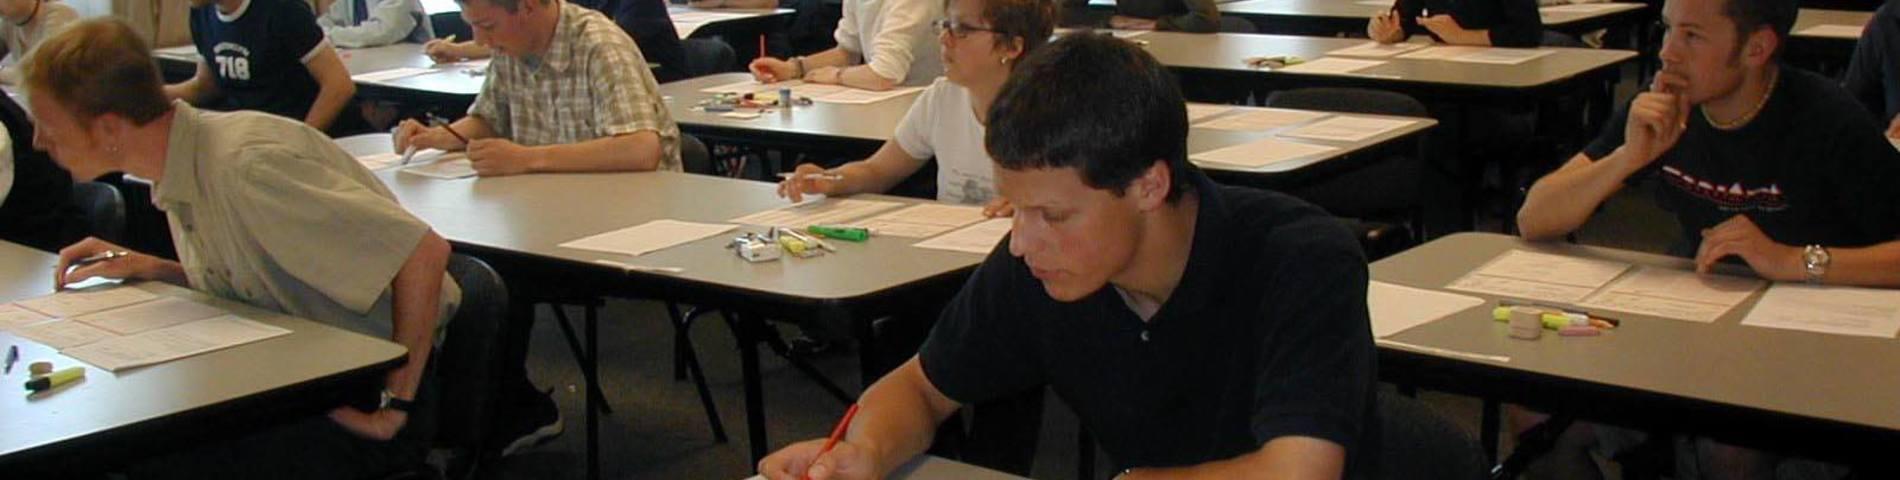 Imatge 1 de l'escola Global Village